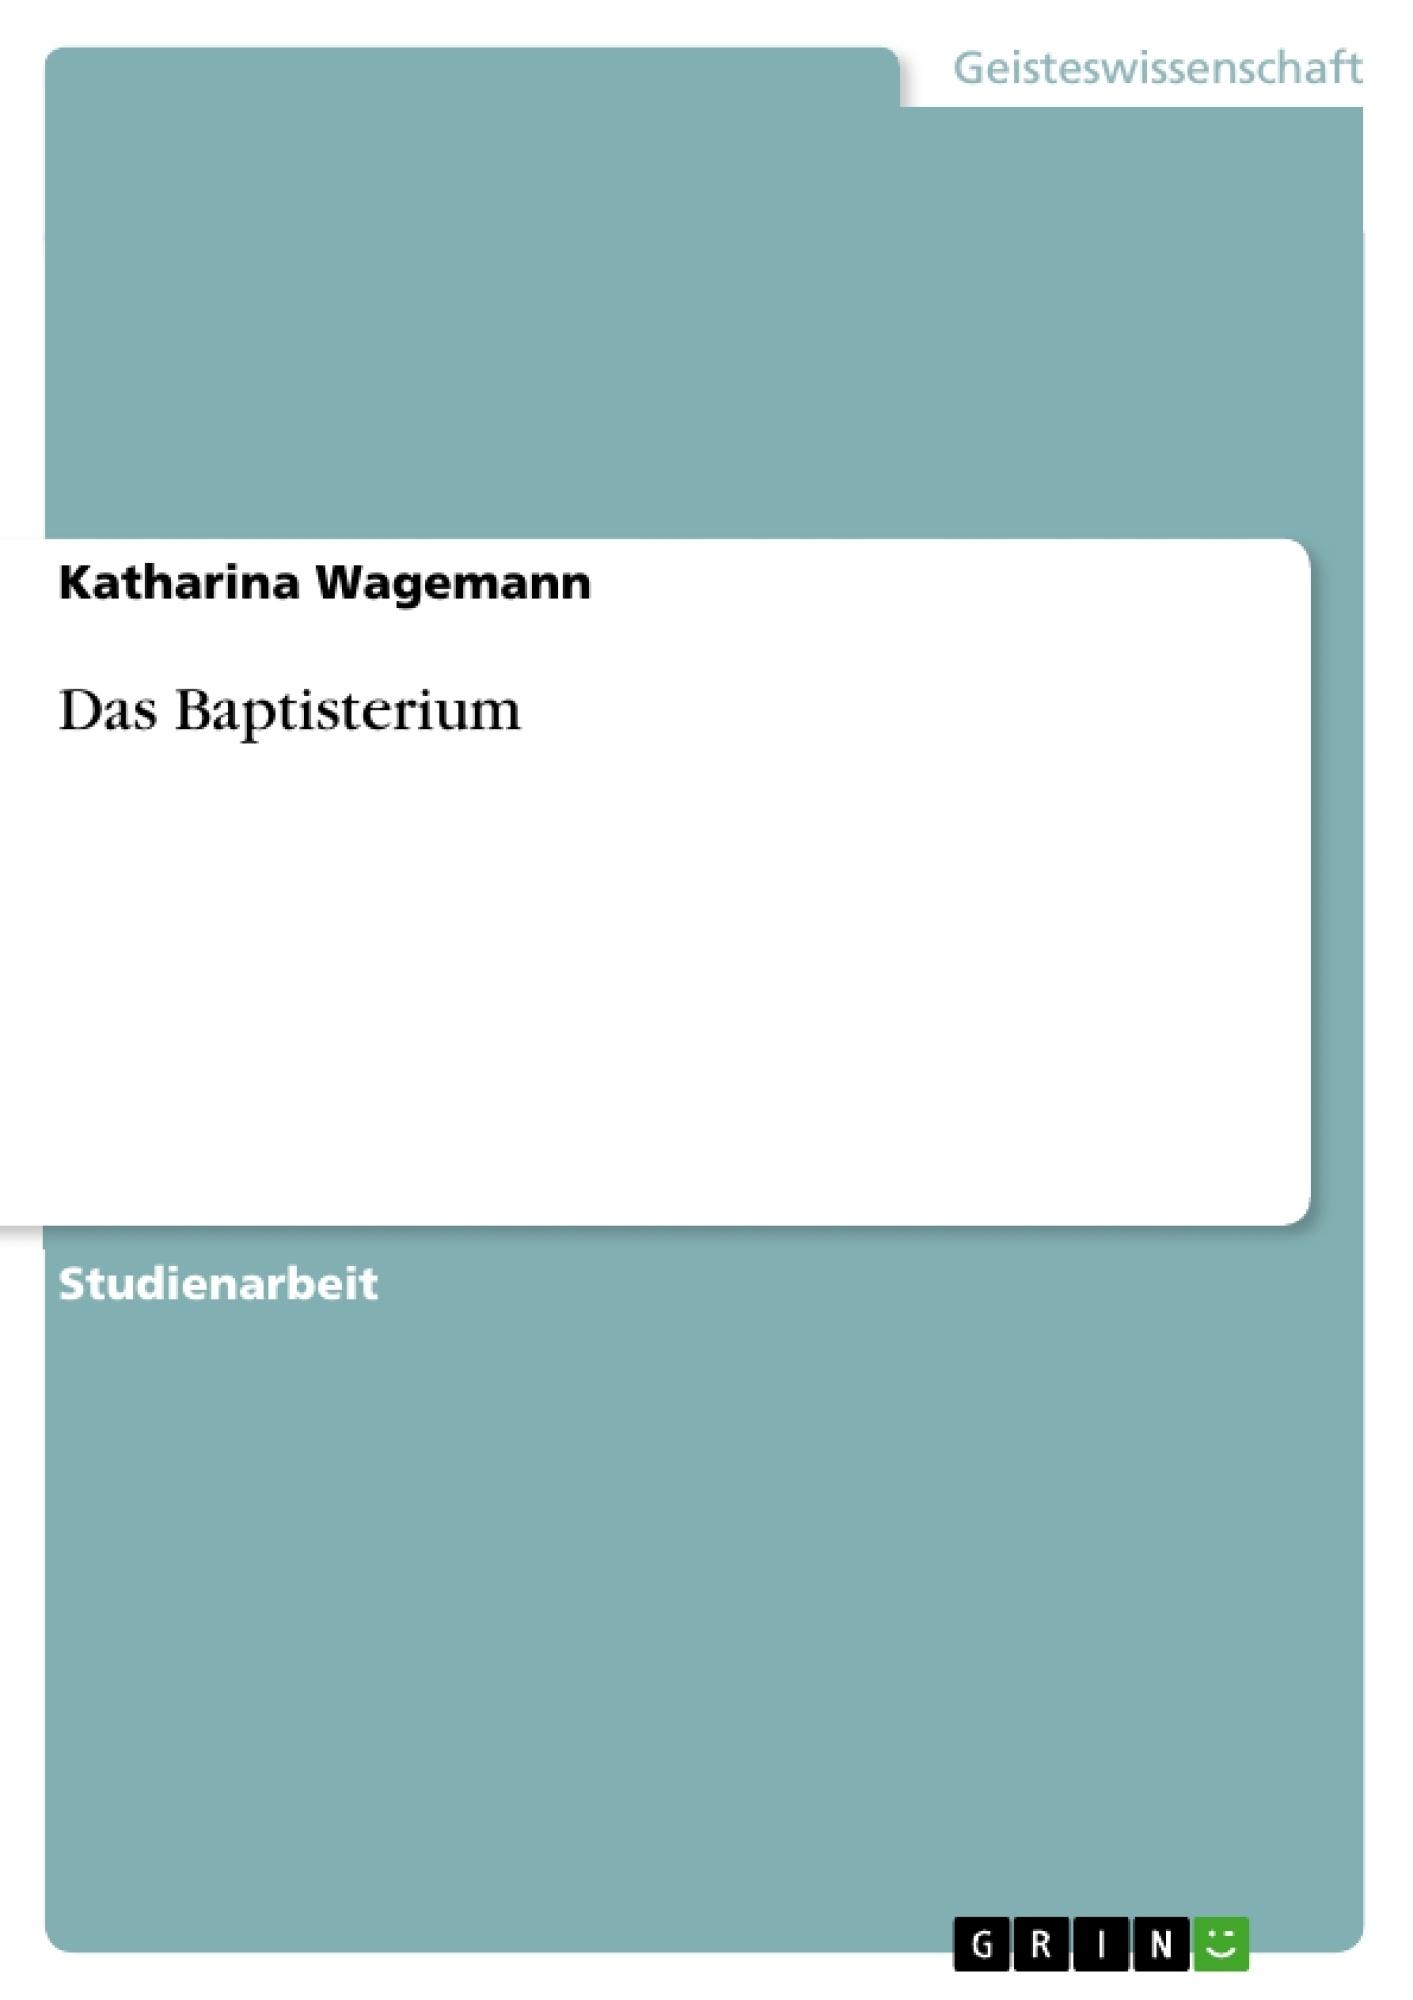 Titel: Das Baptisterium